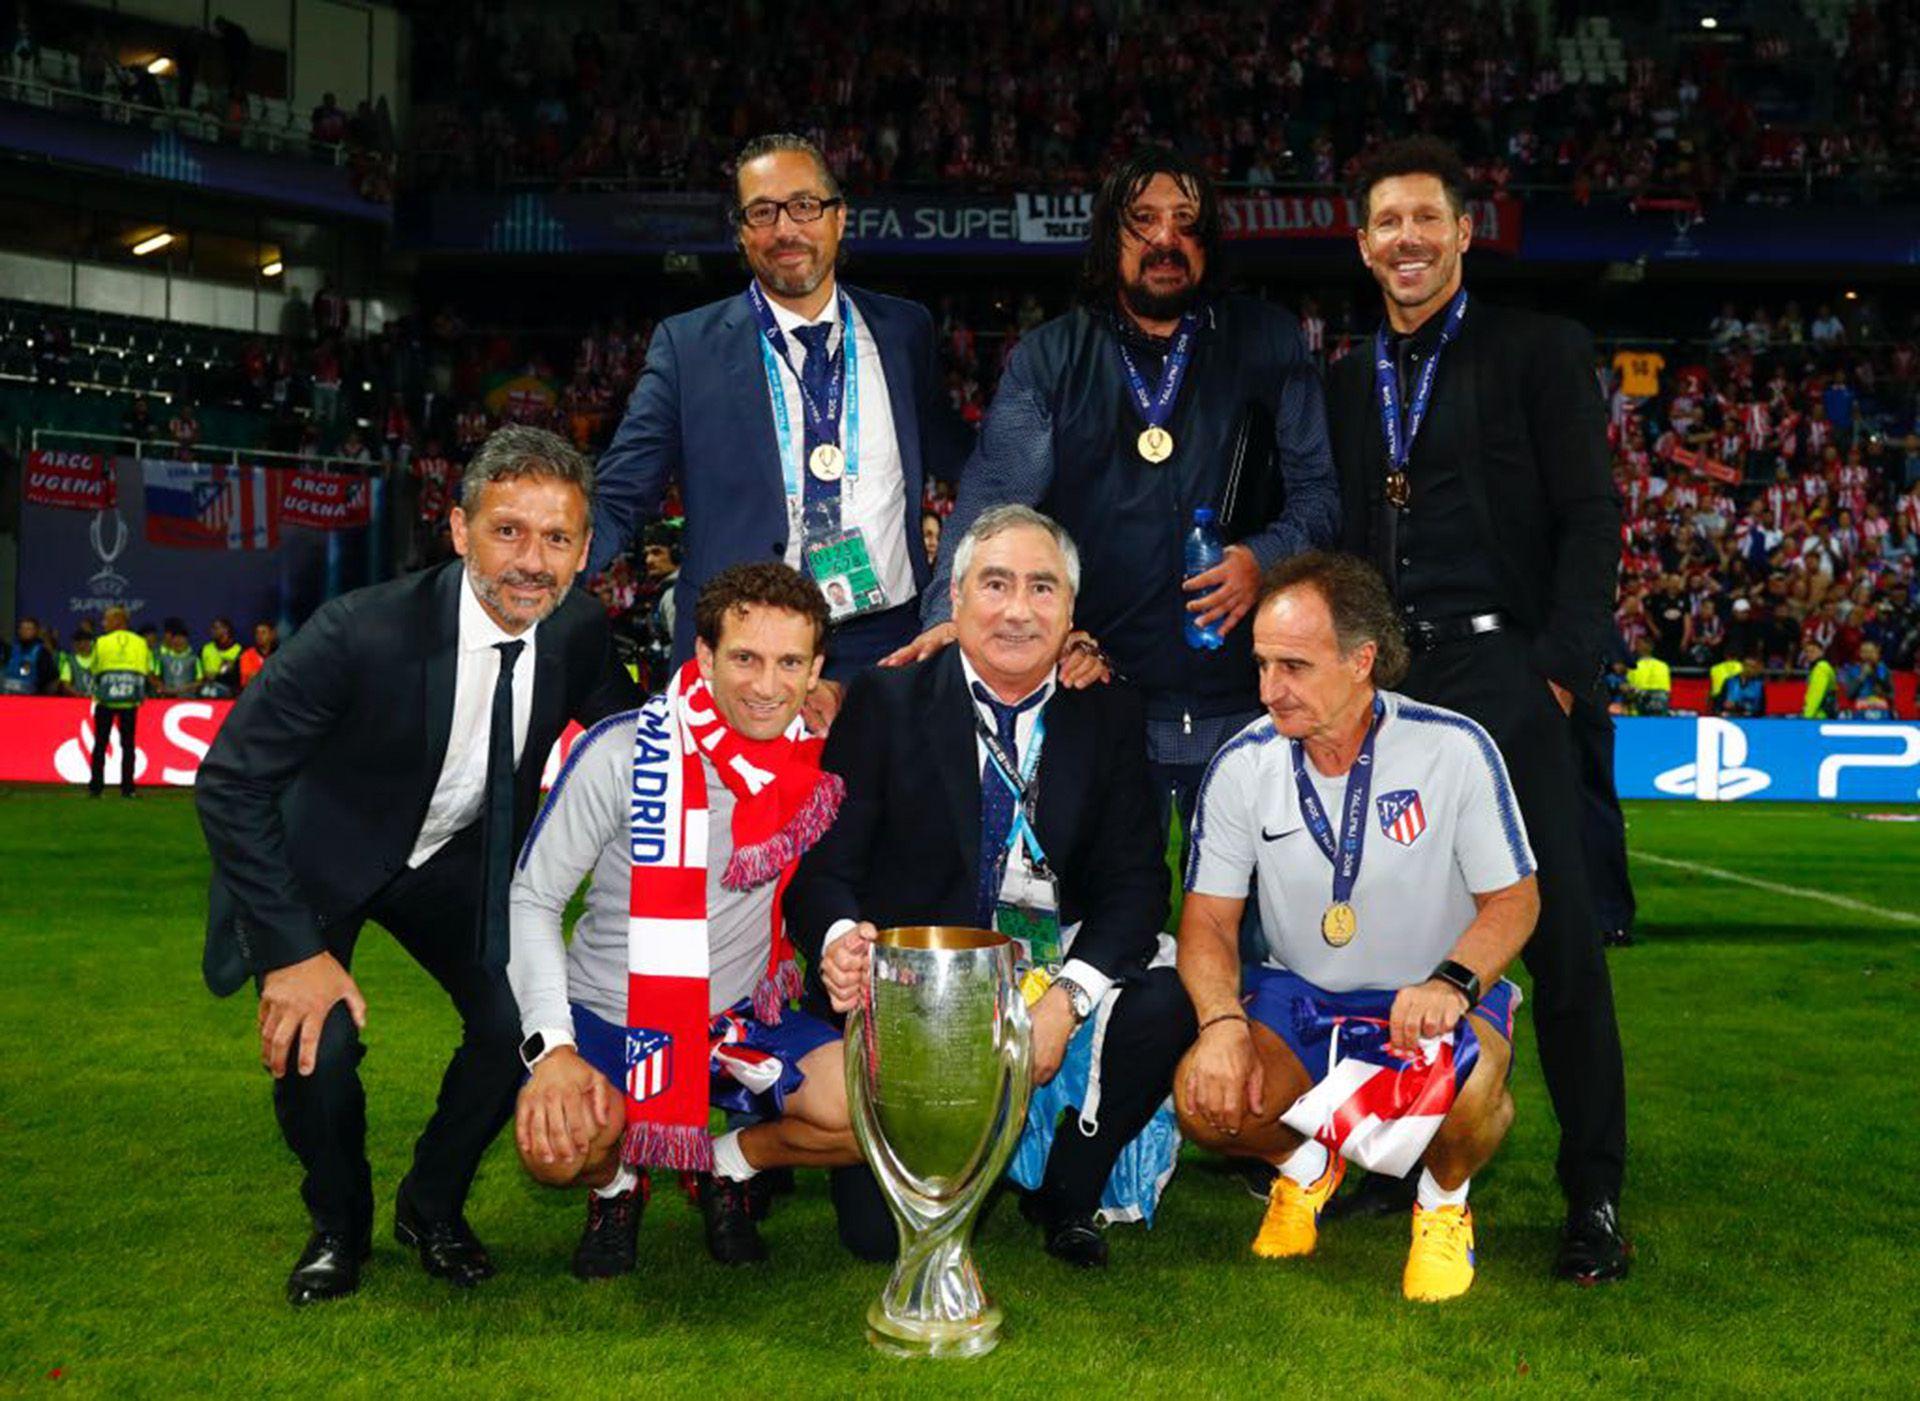 El equipo técnico del Real Madrid. Arriba de izquierda a derecha:  Pablo Vercellone, German Burgos, Diego Simeone . Abajo: Nelson Vivas, Carlos Menéndez , José Luis Pasques y Oscar Ortega.